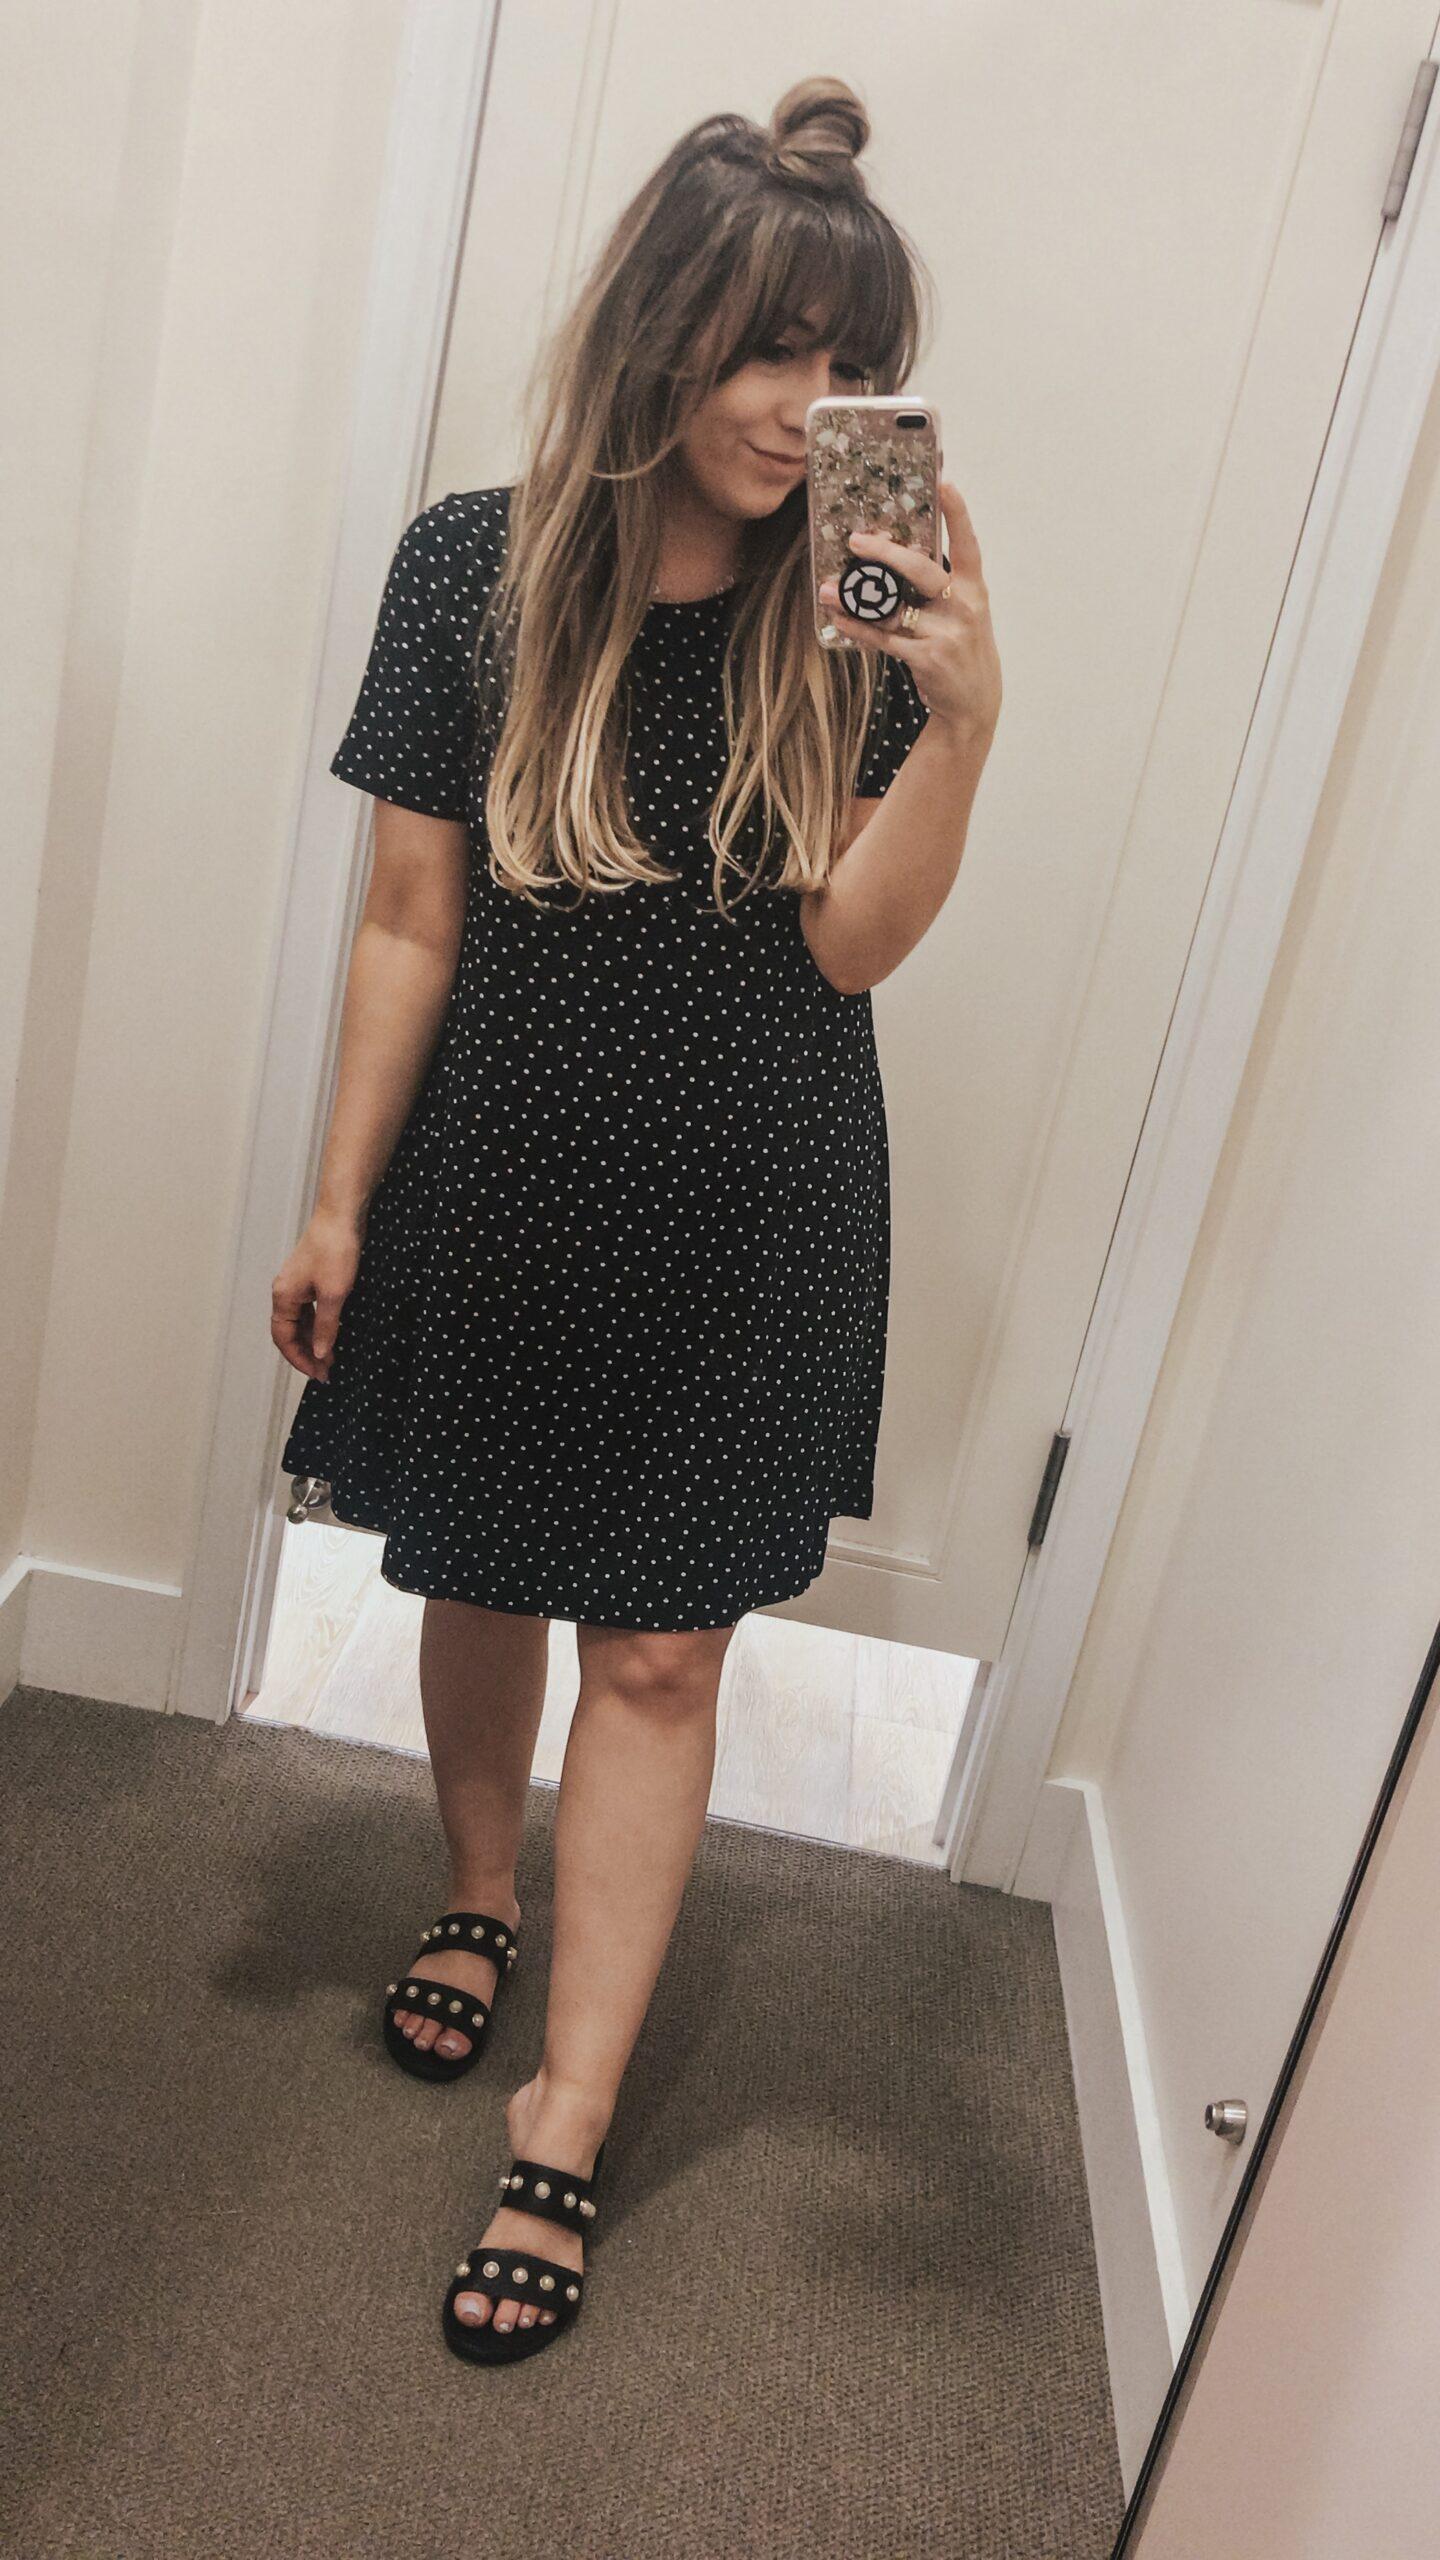 Polka dot tshirt dress